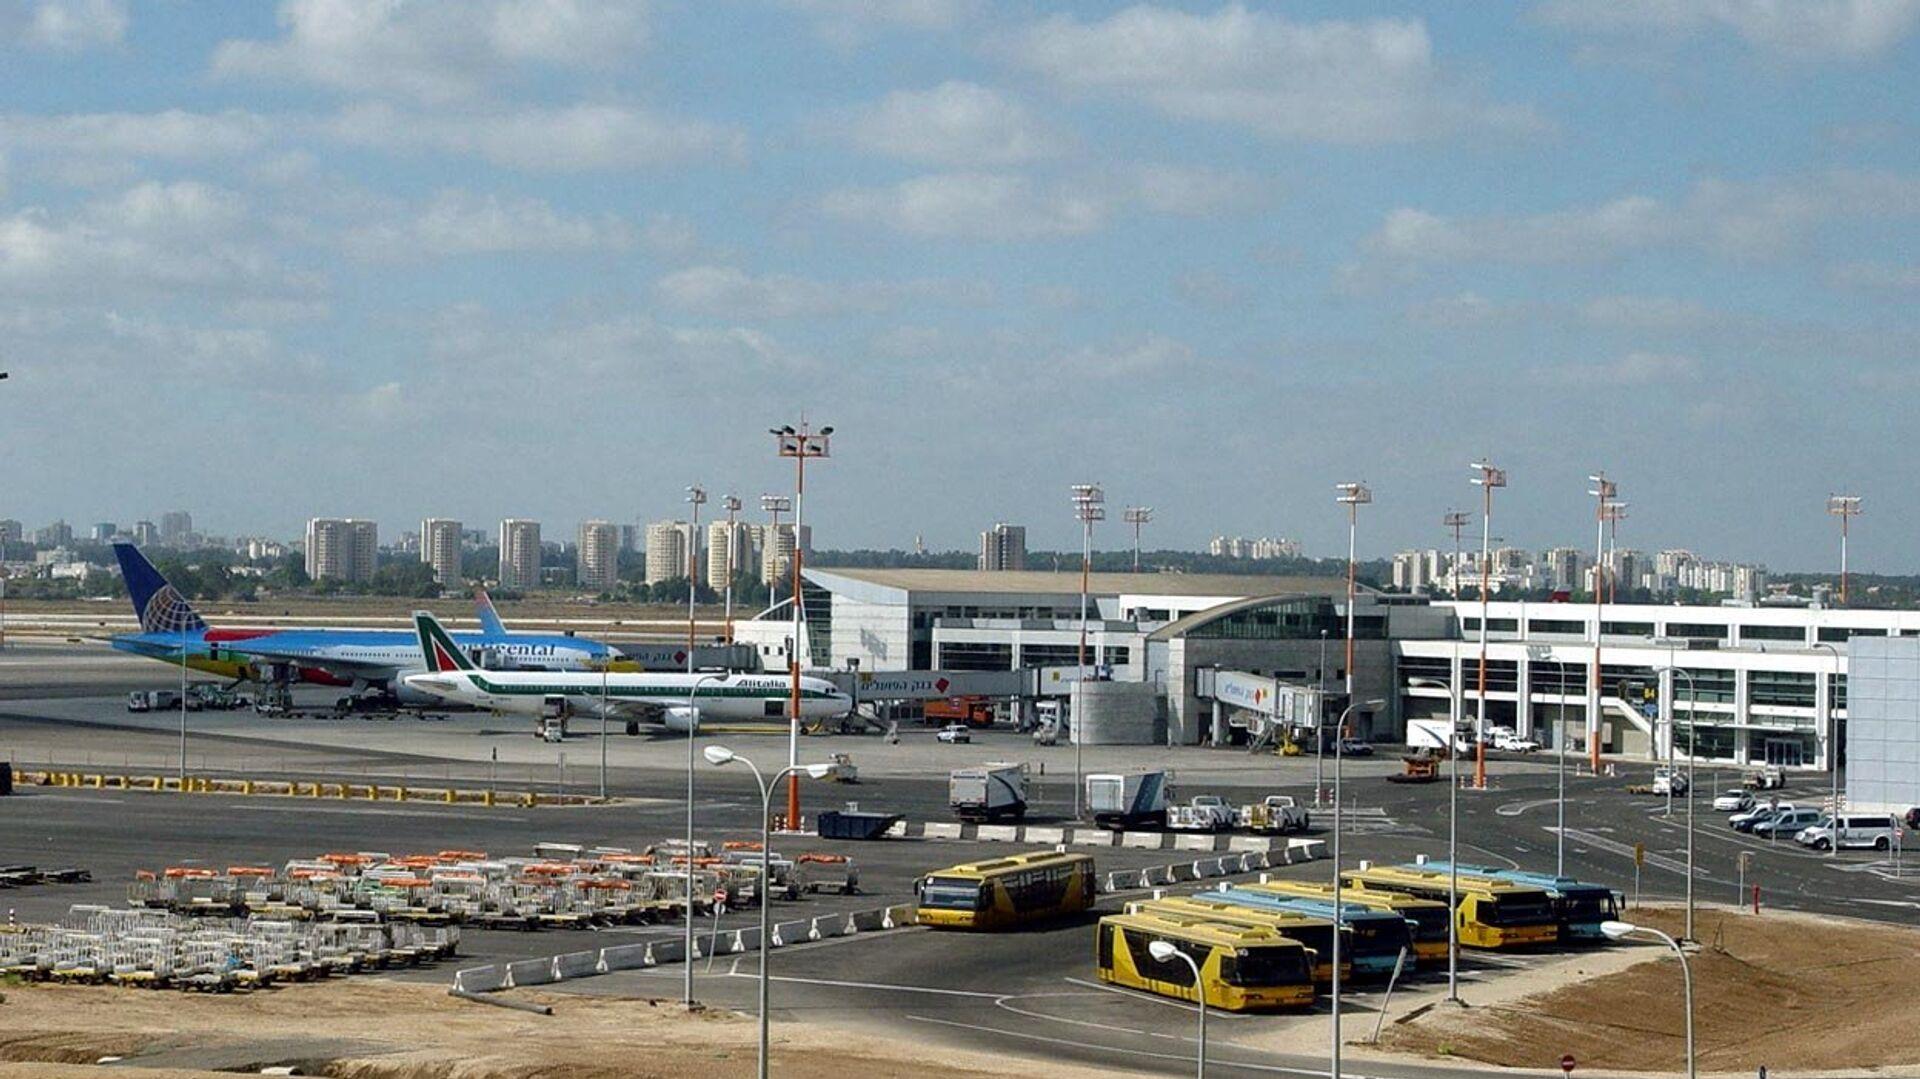 Аэропорт имени Давида Бен-Гуриона в Тель-Авиве - РИА Новости, 1920, 22.03.2021